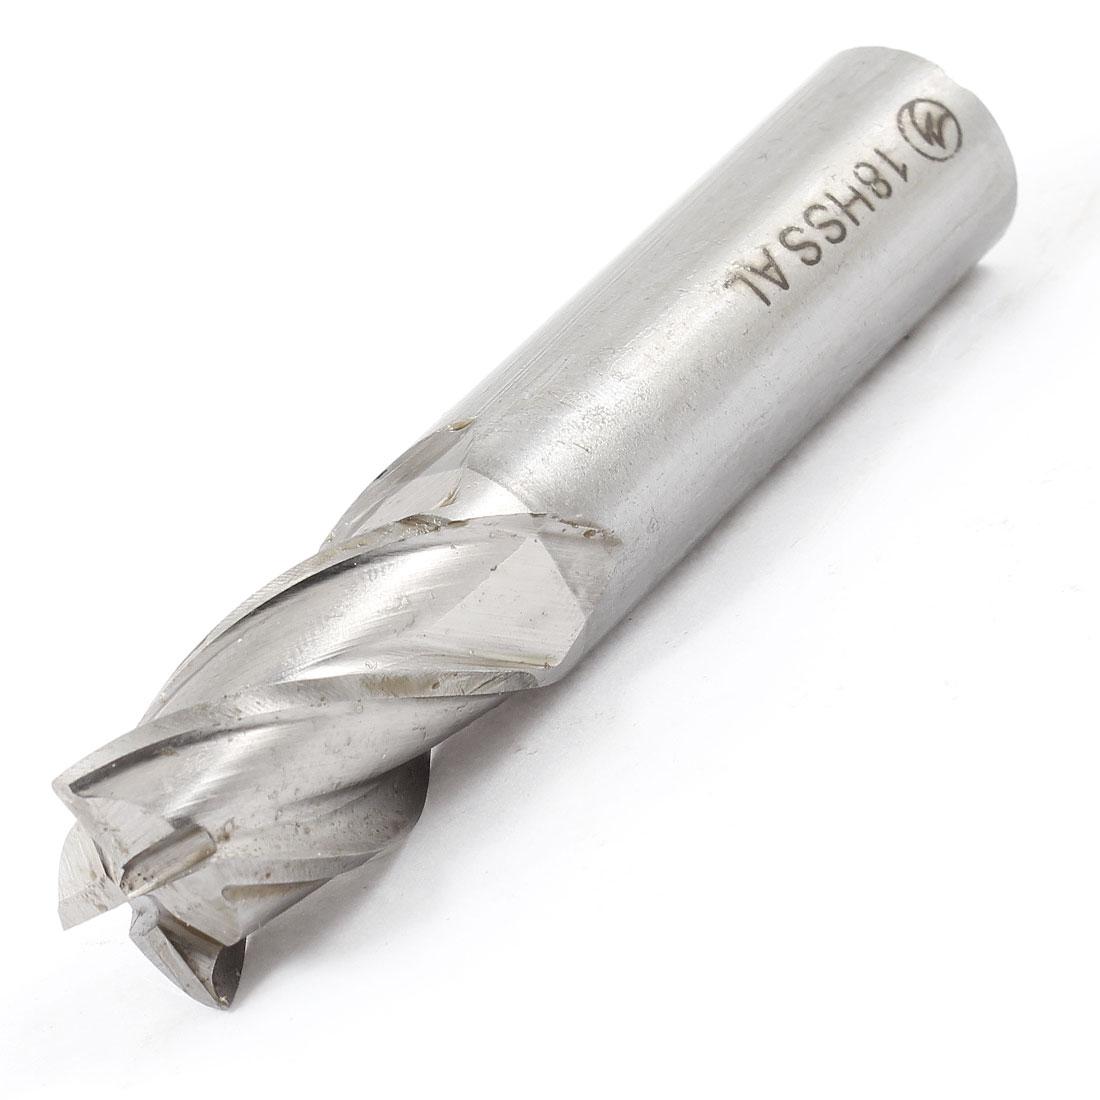 18mm x 18mm x 37mm x 92mm 4 Flutes HSS-AL End Mill Milling Cutter Tool